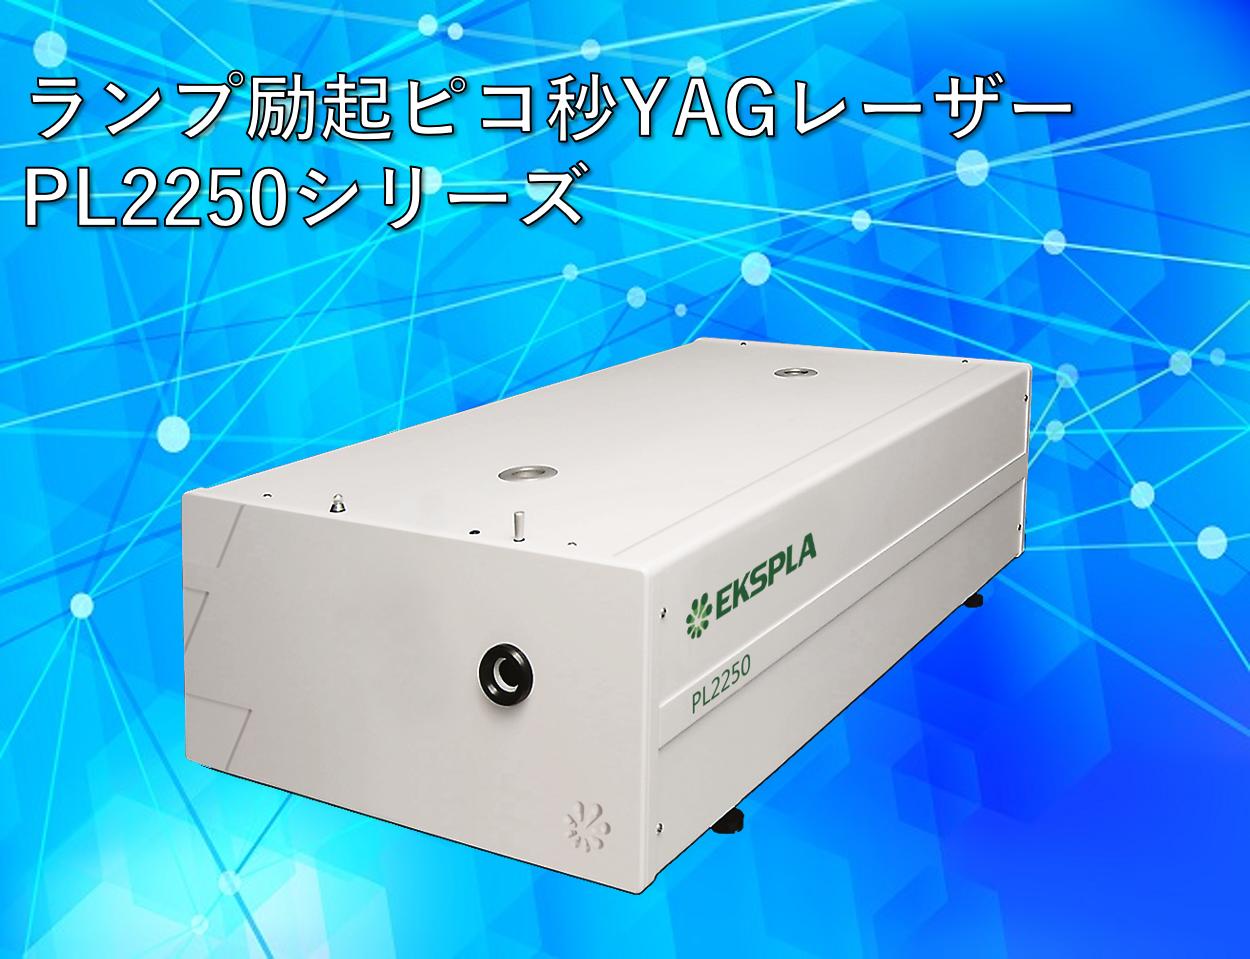 高パルス安定性ピコ秒パルスレーザー PL2250